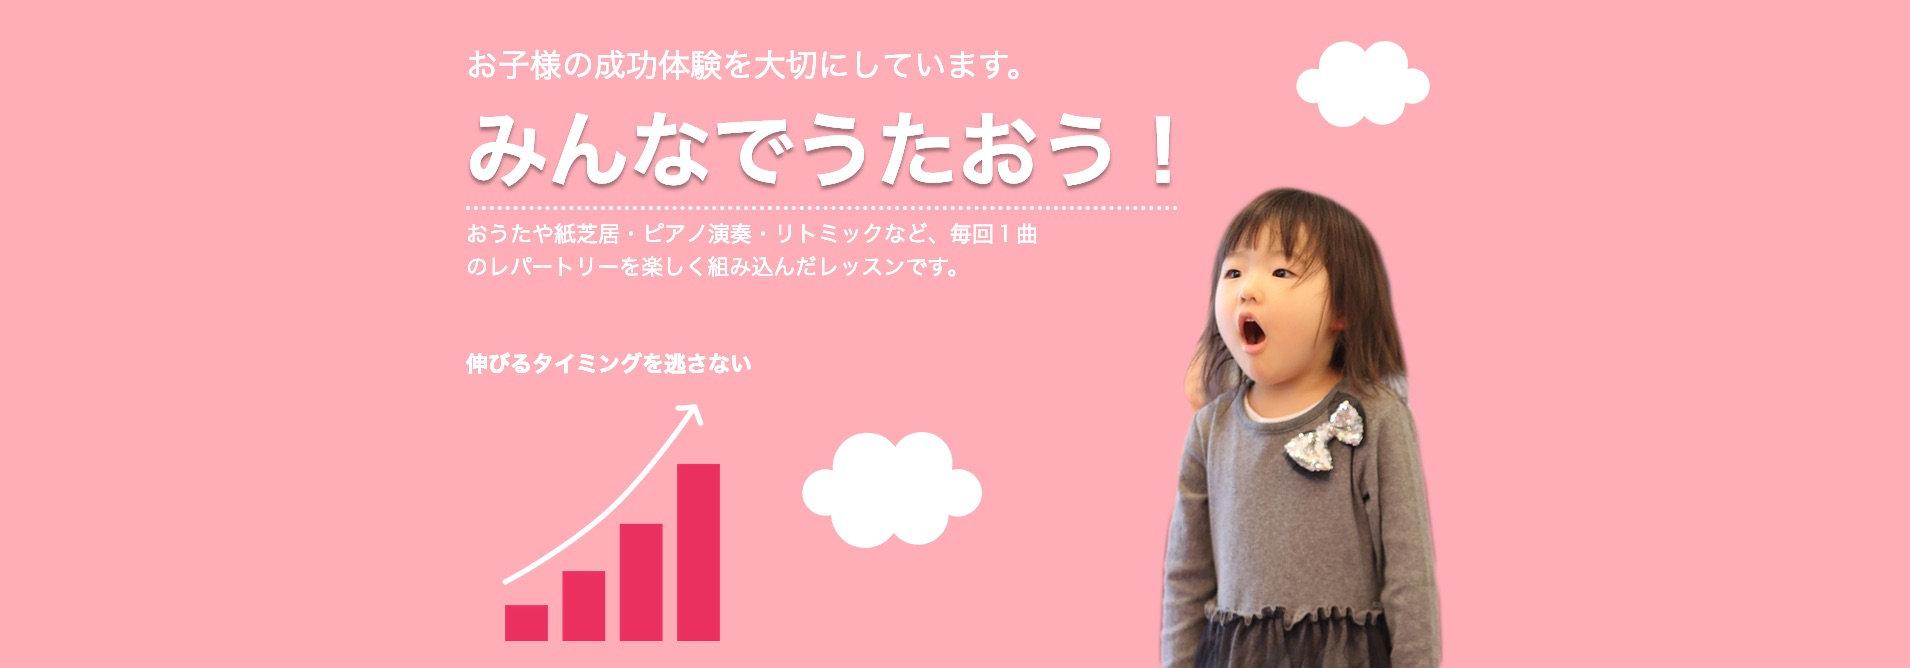 なぜ!こんなに楽しく音楽が学べるの?何歳からでも始められる市来法子音楽教室.jp